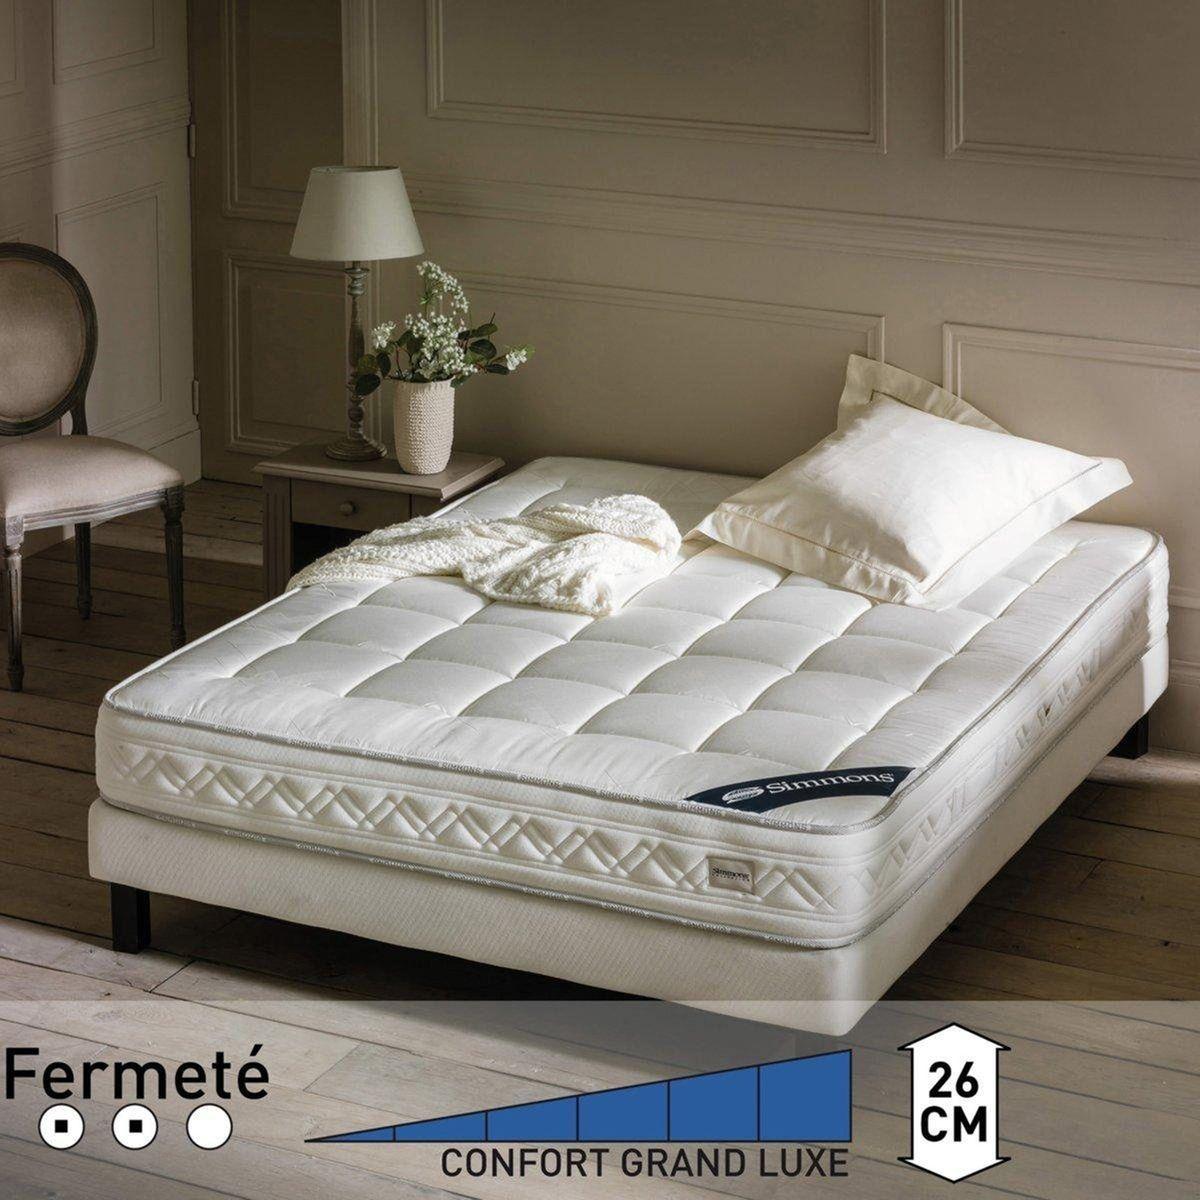 matelas confort prestige ferme 651re blanc simmons bons plans pas cher pinterest how to plan. Black Bedroom Furniture Sets. Home Design Ideas